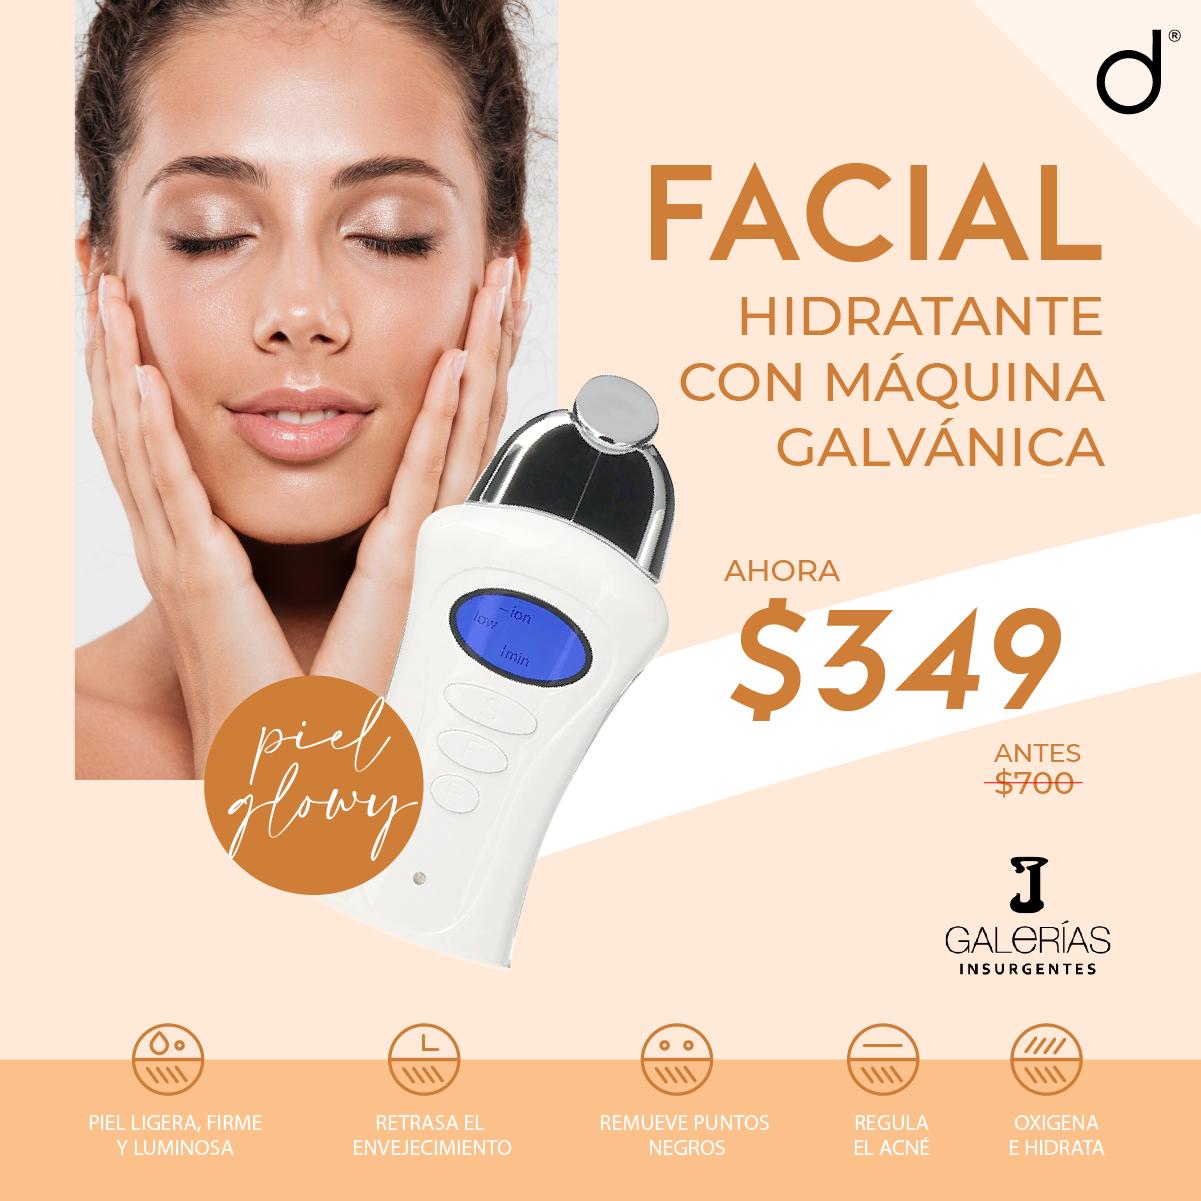 Facial Hidratante con Máquina de Galvánica- SÓLO GALERÍAS INSURGENTES&w=900&h=900&fit=crop